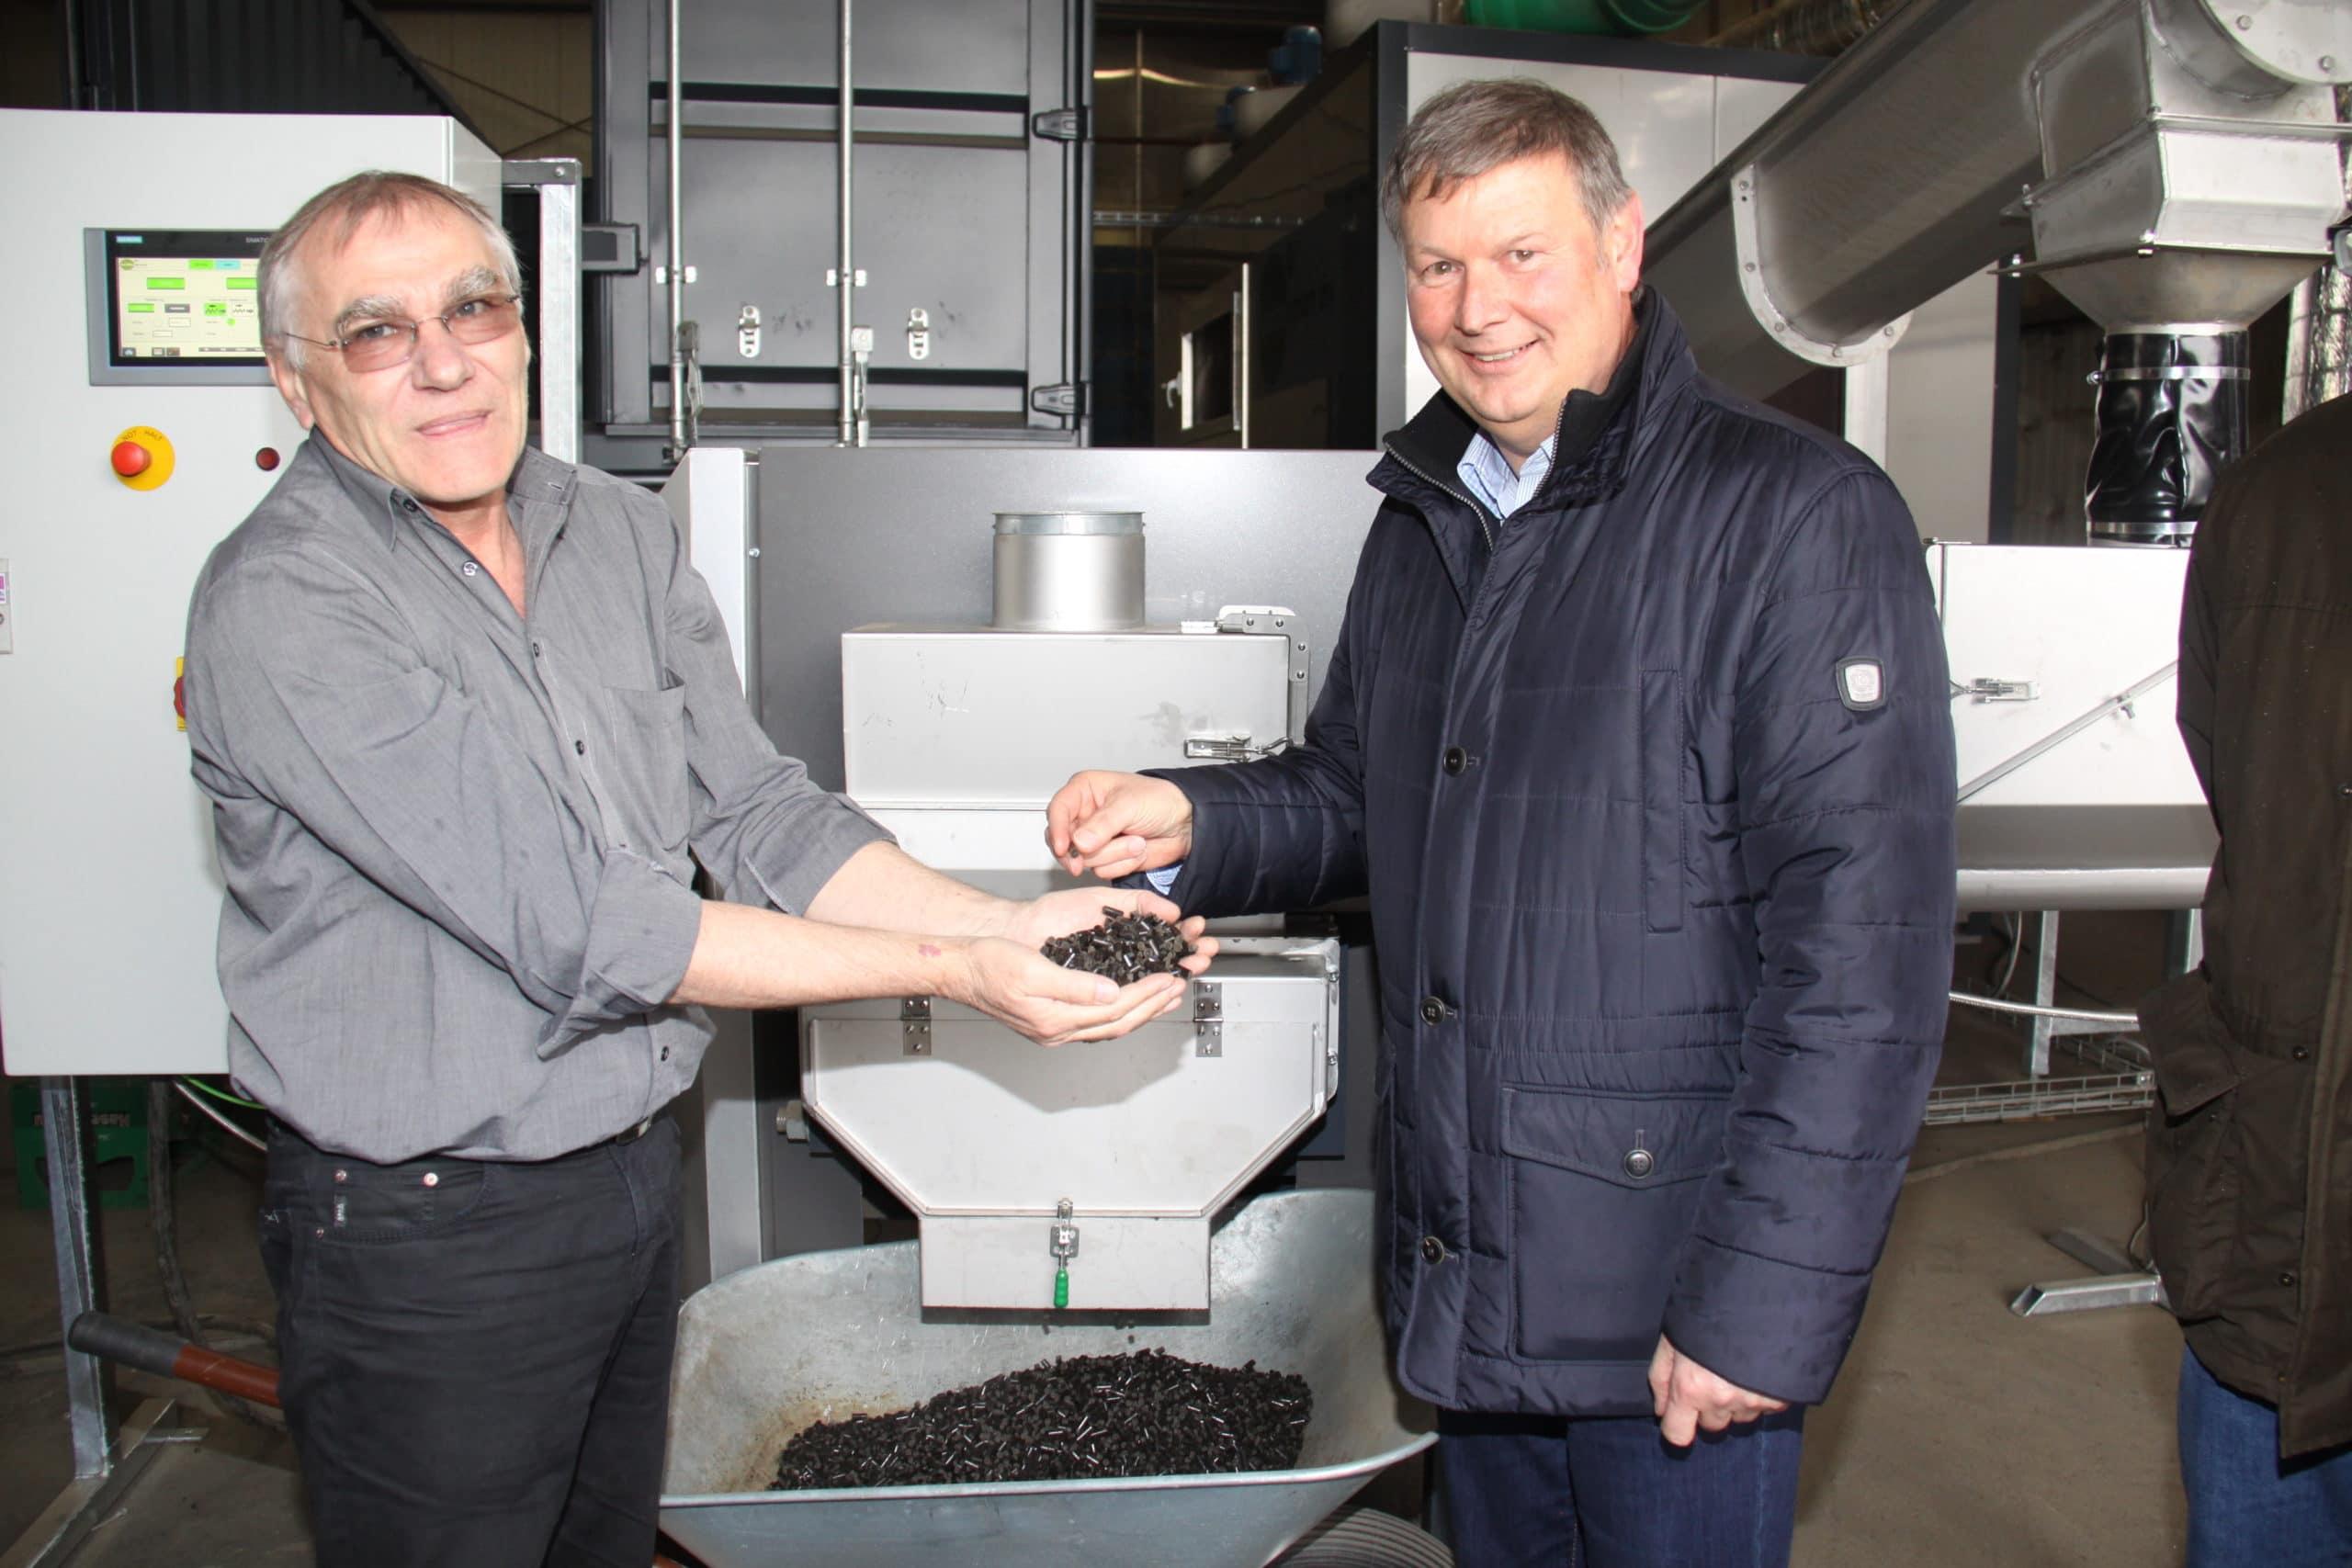 Firmenleiter Franz J. Kraus (links) präsentiert aus Klärschlamm gewonnene Pellets